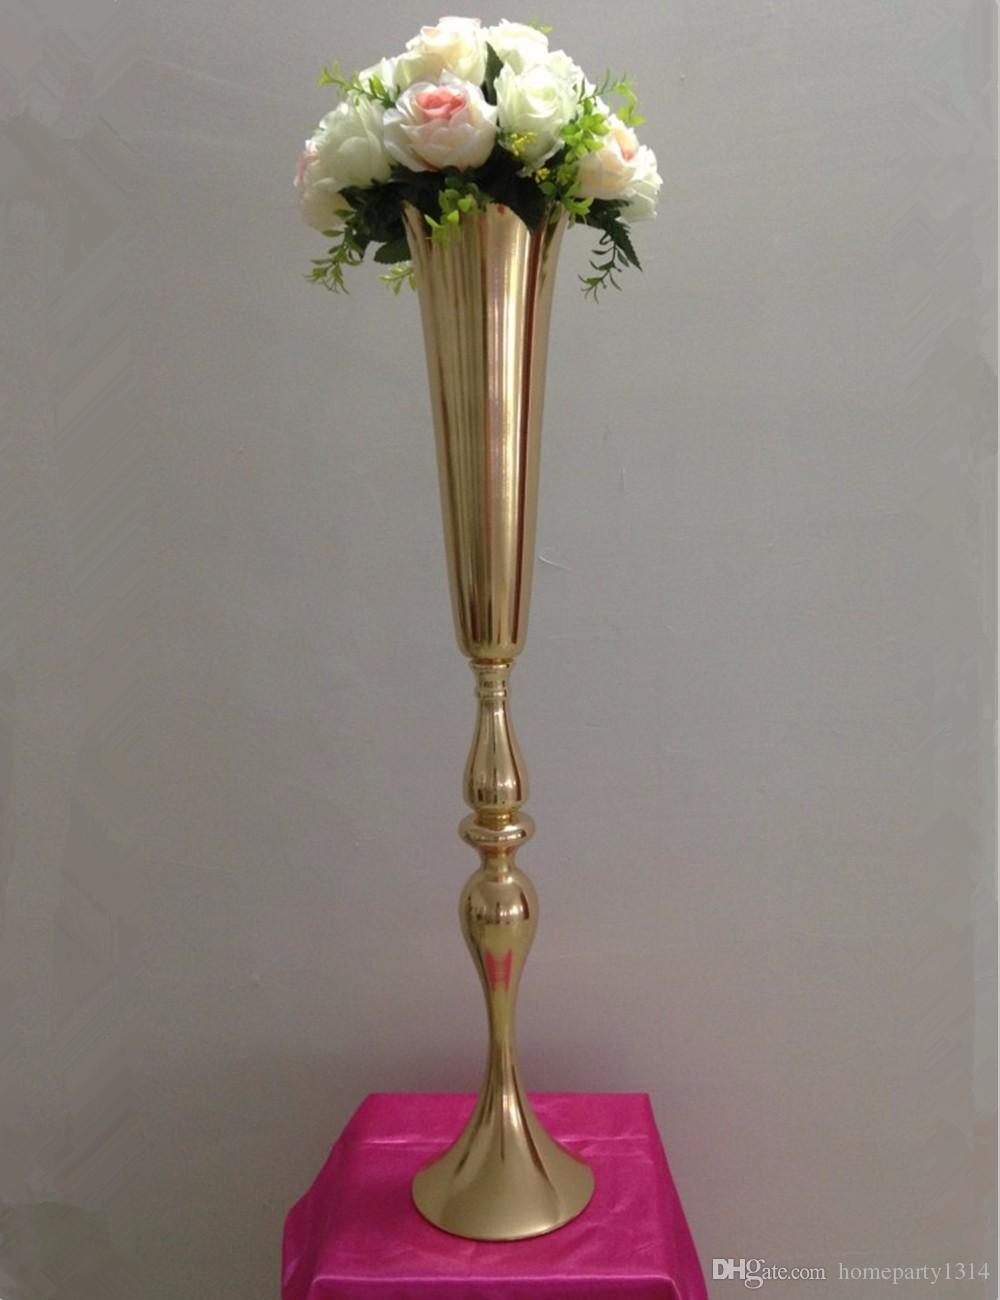 2019 Royal Gold prata Alto grande vaso de flor Wedding Centerpieces da tabela da decoração do partido Estrada Chumbo Flor suporte de metal Flower cremalheira Para DIY Evento